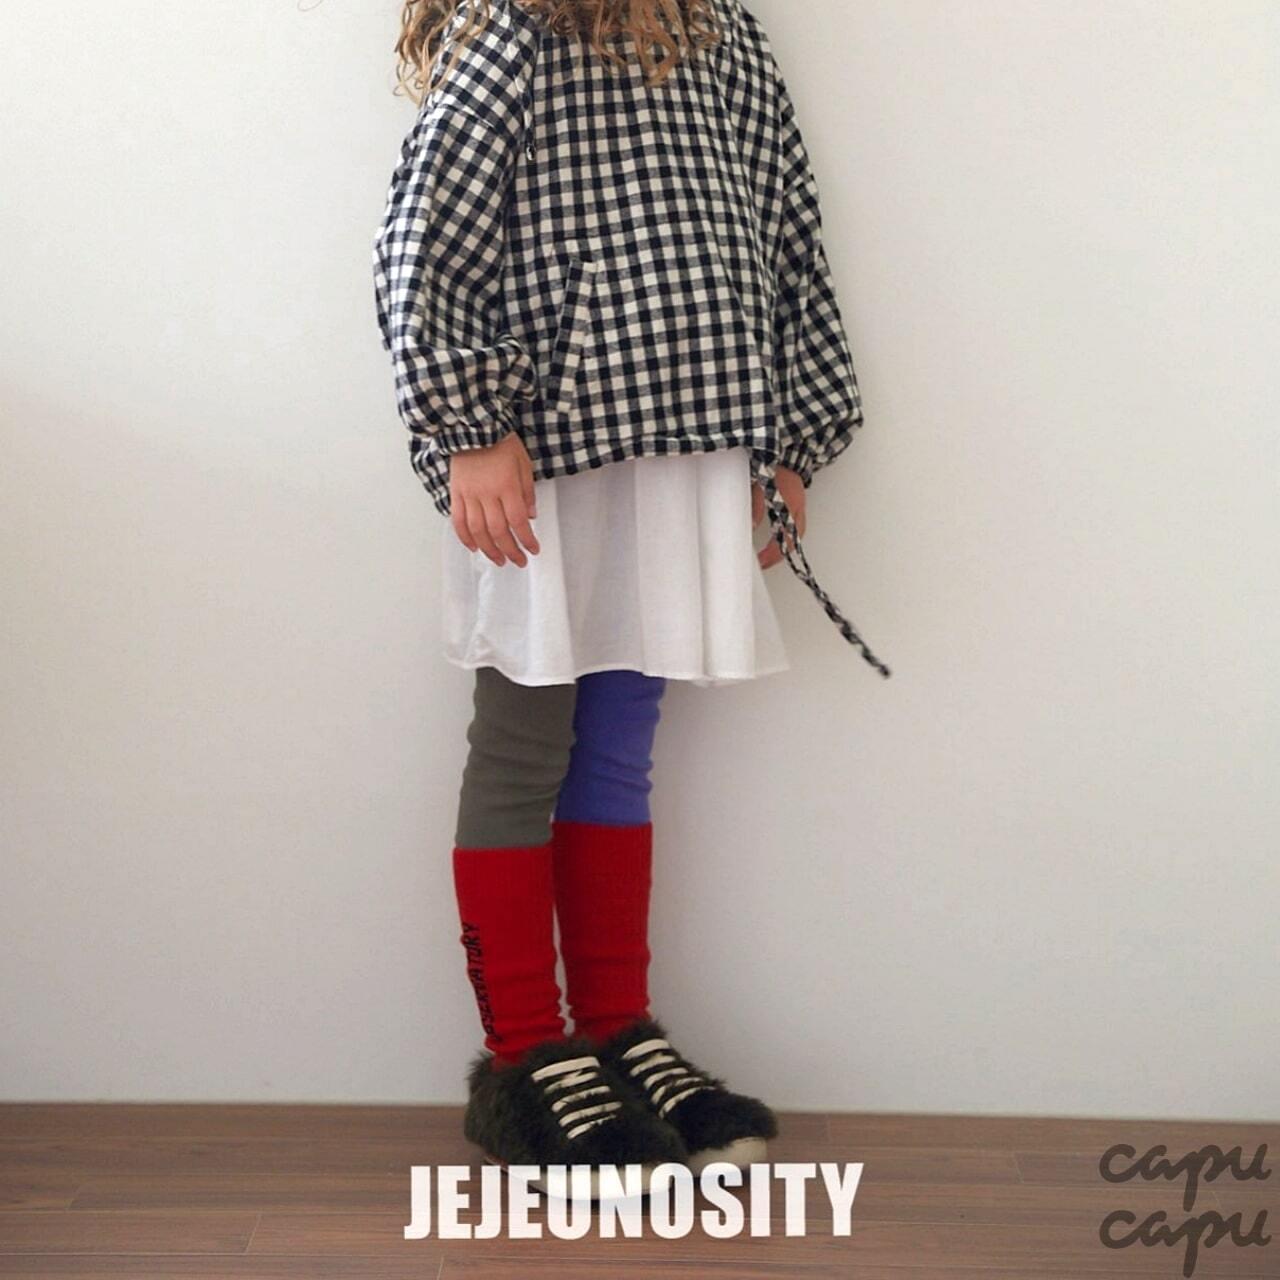 «先行予約割引»«ジュニアサイズあり» jejeunosity leggings 2colors アシンメトリーレギンス